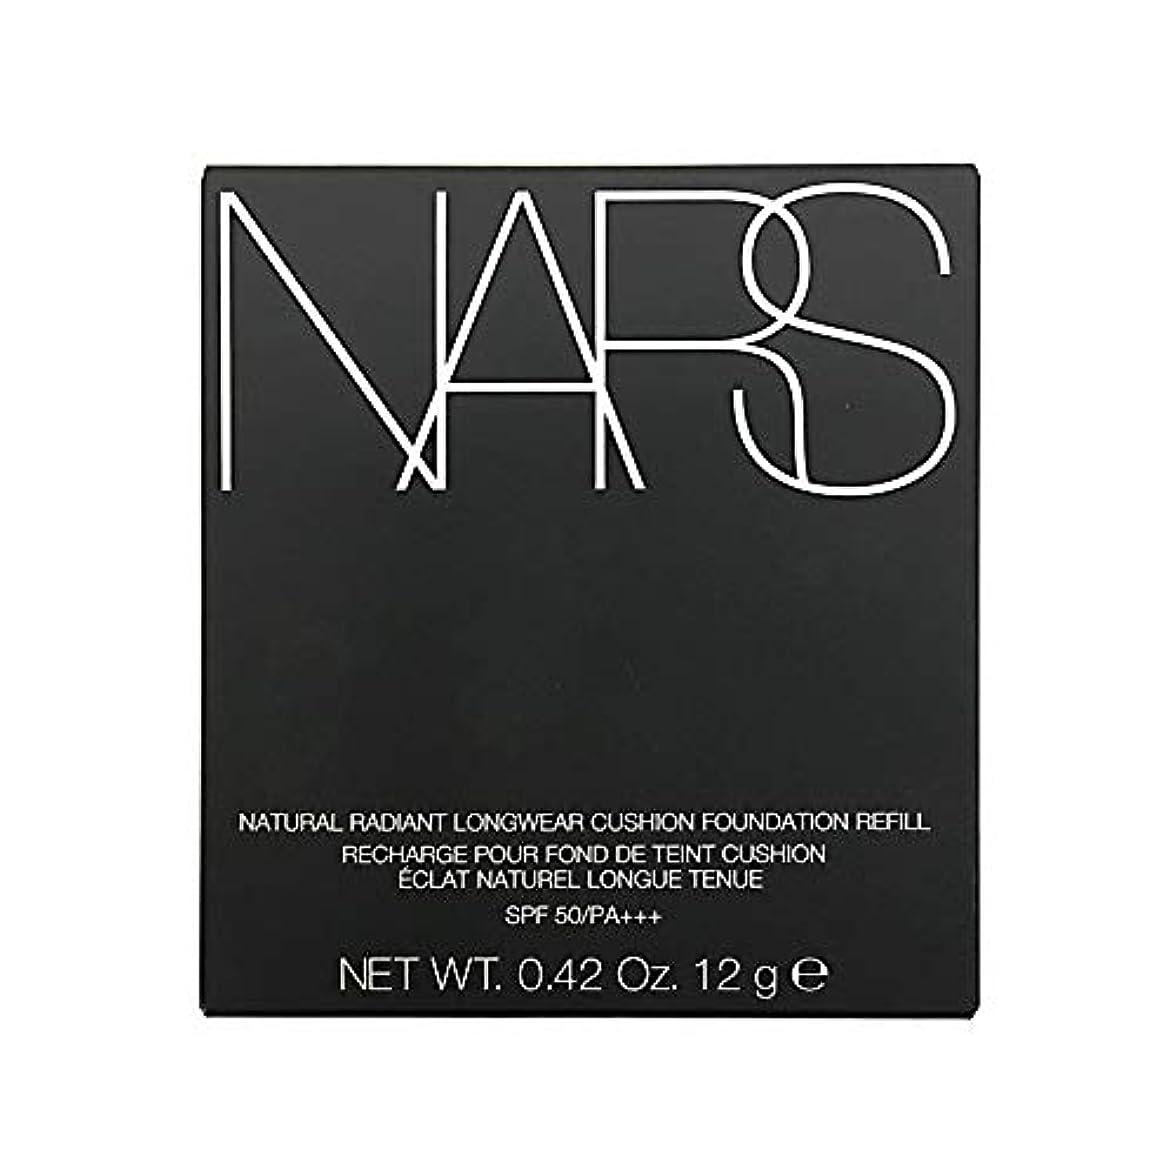 プレゼント合成分岐するナーズ/NARS ナチュラルラディアント ロングウェア クッションファンデーション(レフィル)#5880[ クッションファンデ ] [並行輸入品]